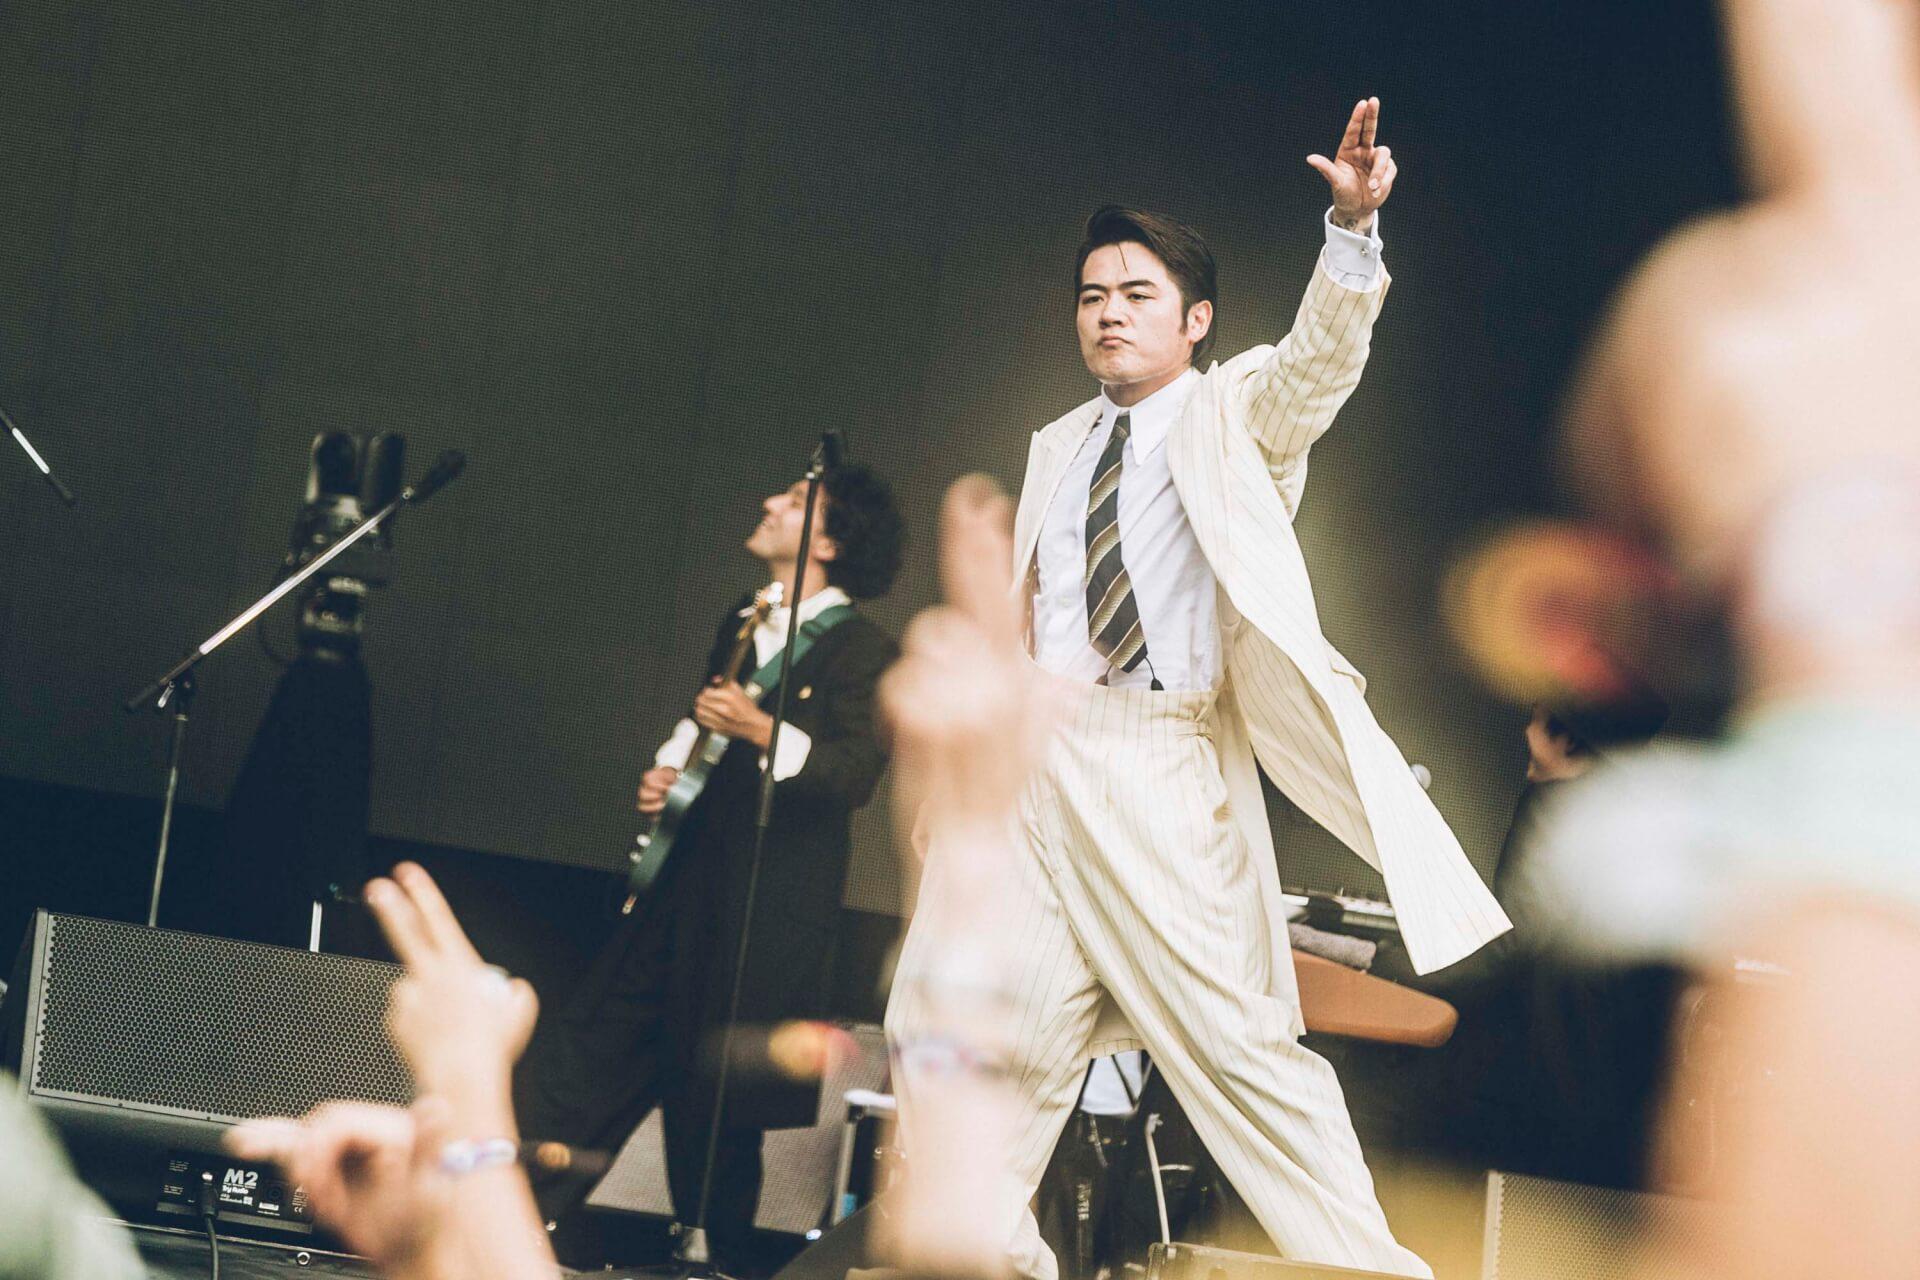 振り返るフジロック2019 SANABAGUN. music190823_fujirock_sanabagun_724.jpg